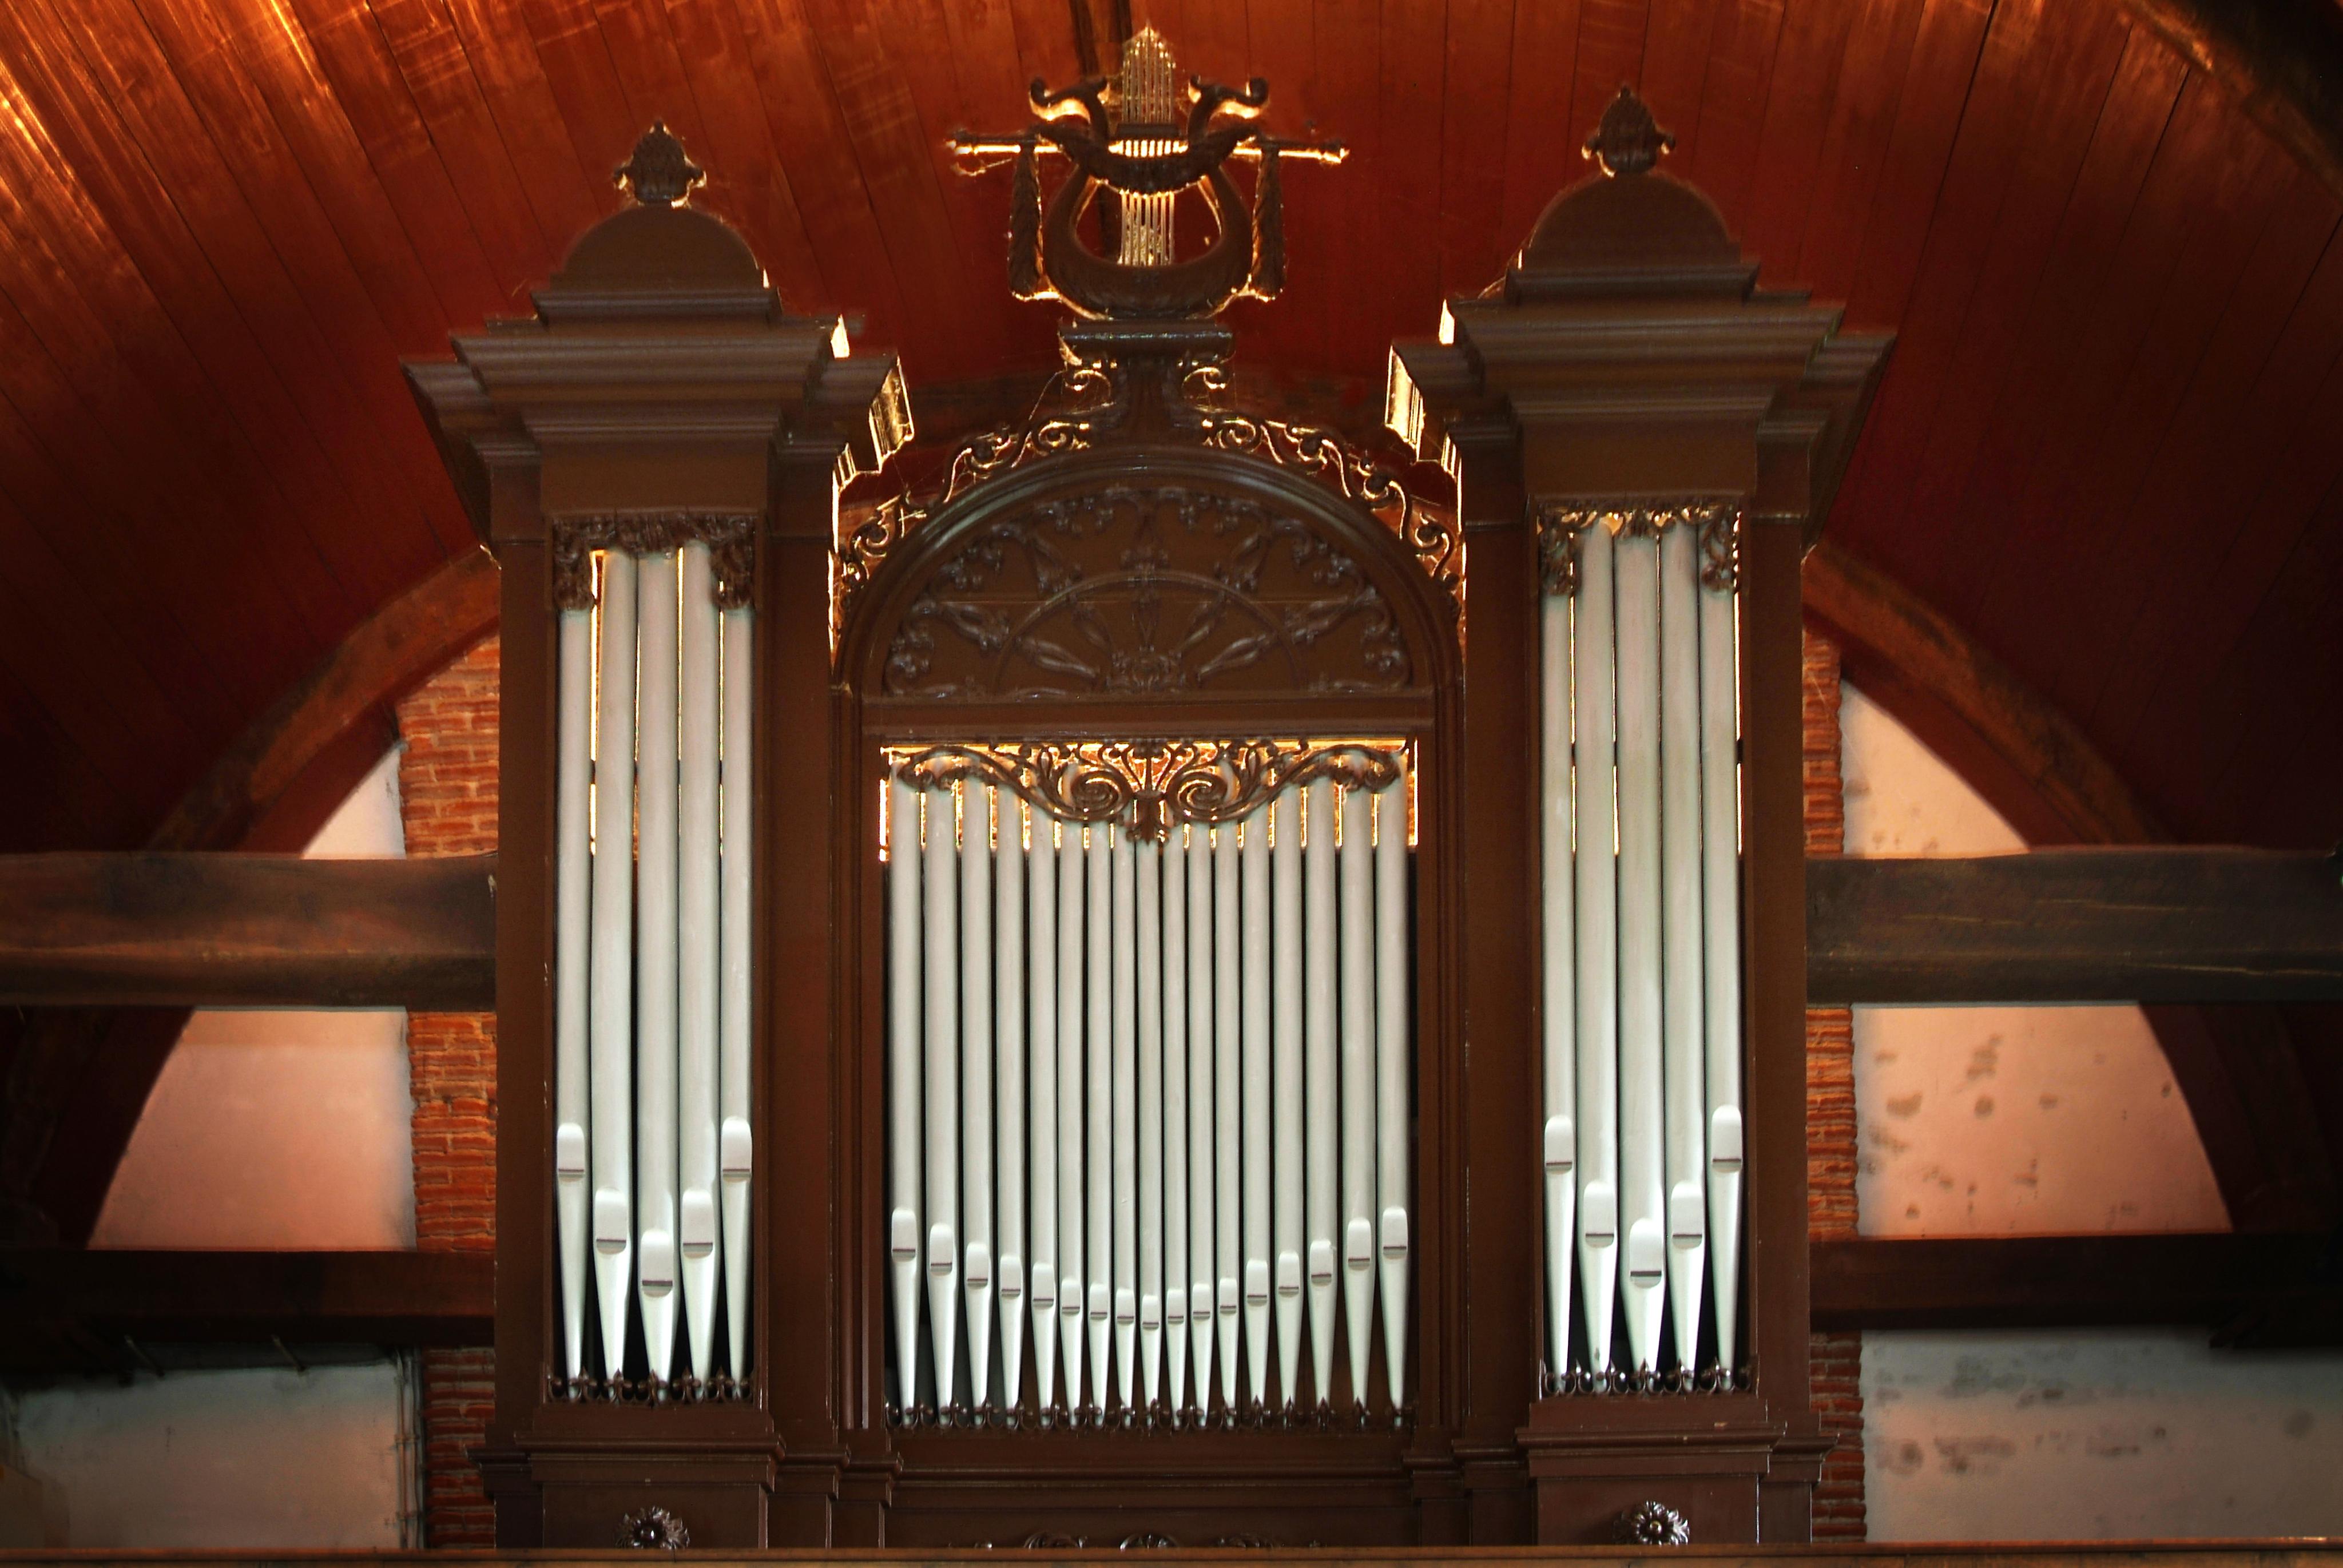 FMS20131019-1243 Front orgel met ornamenten